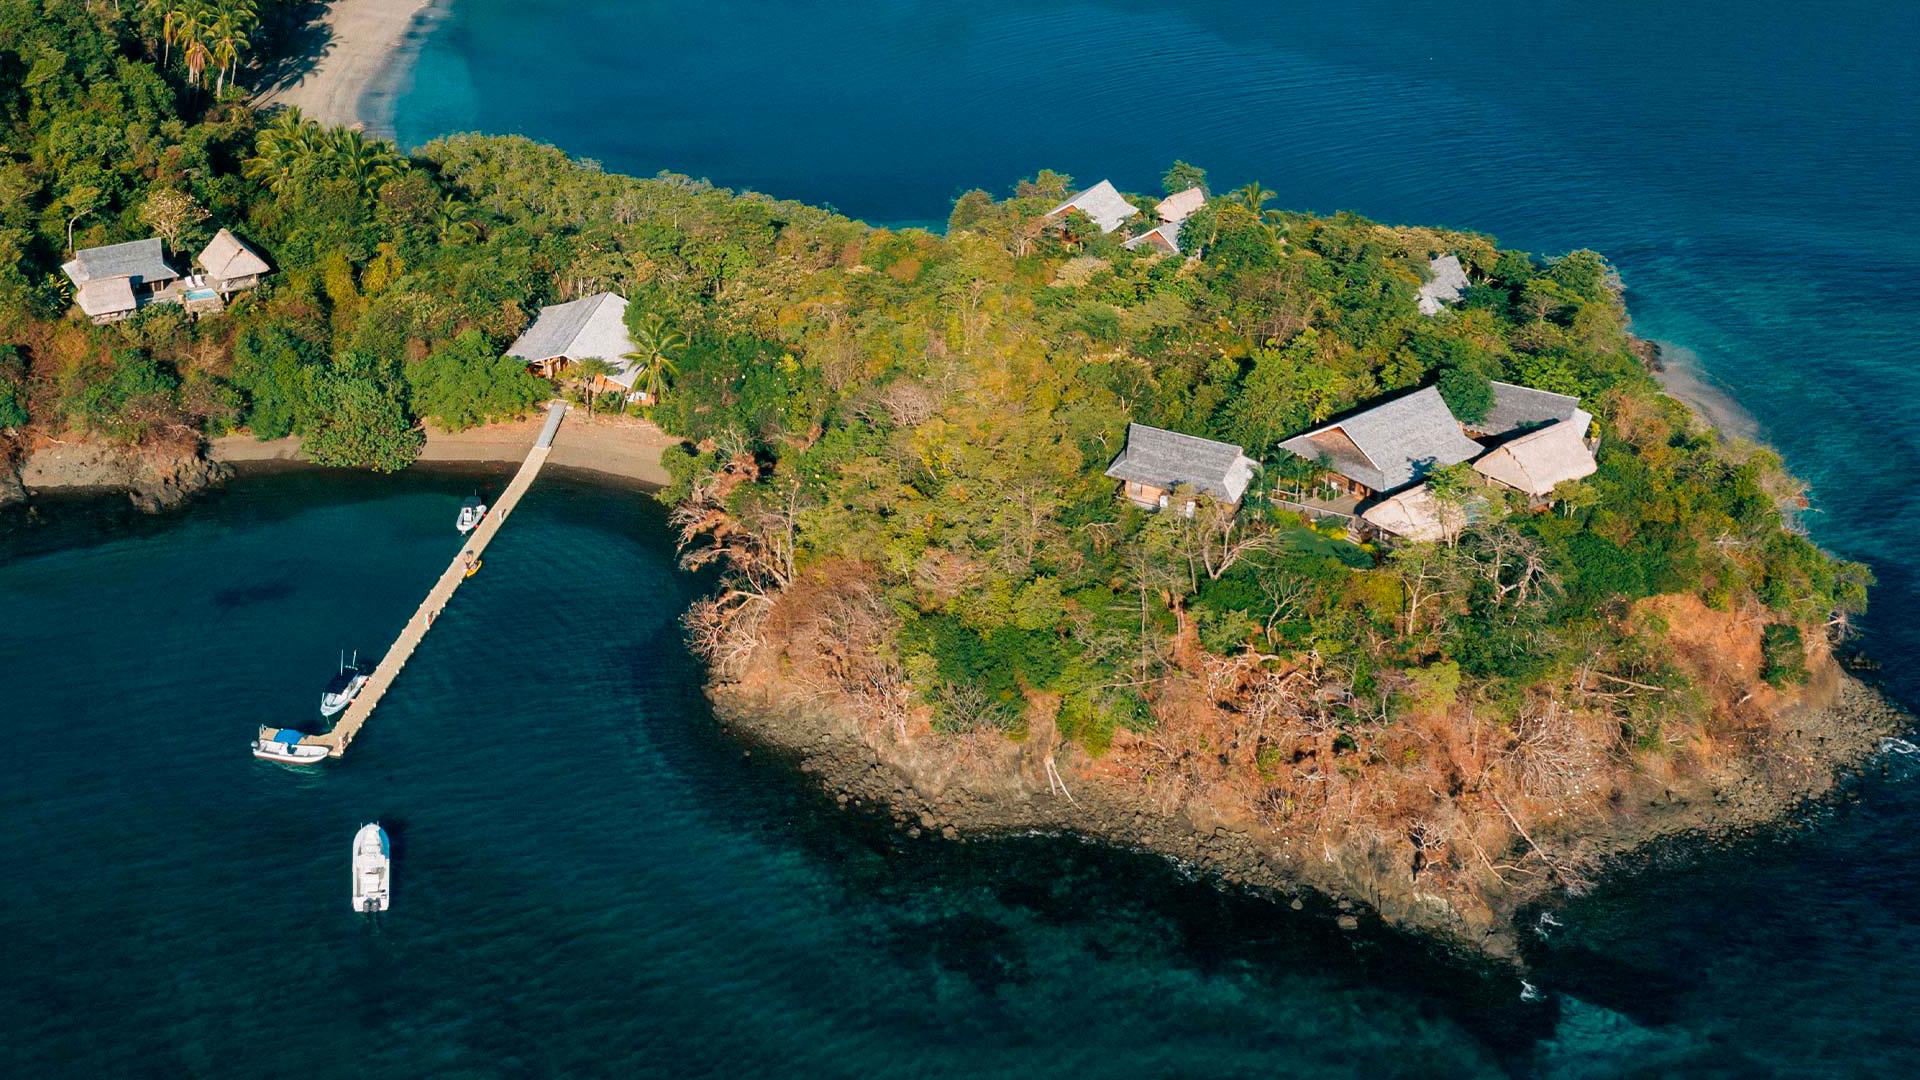 Imágenes del archipiélago de Islas Secas